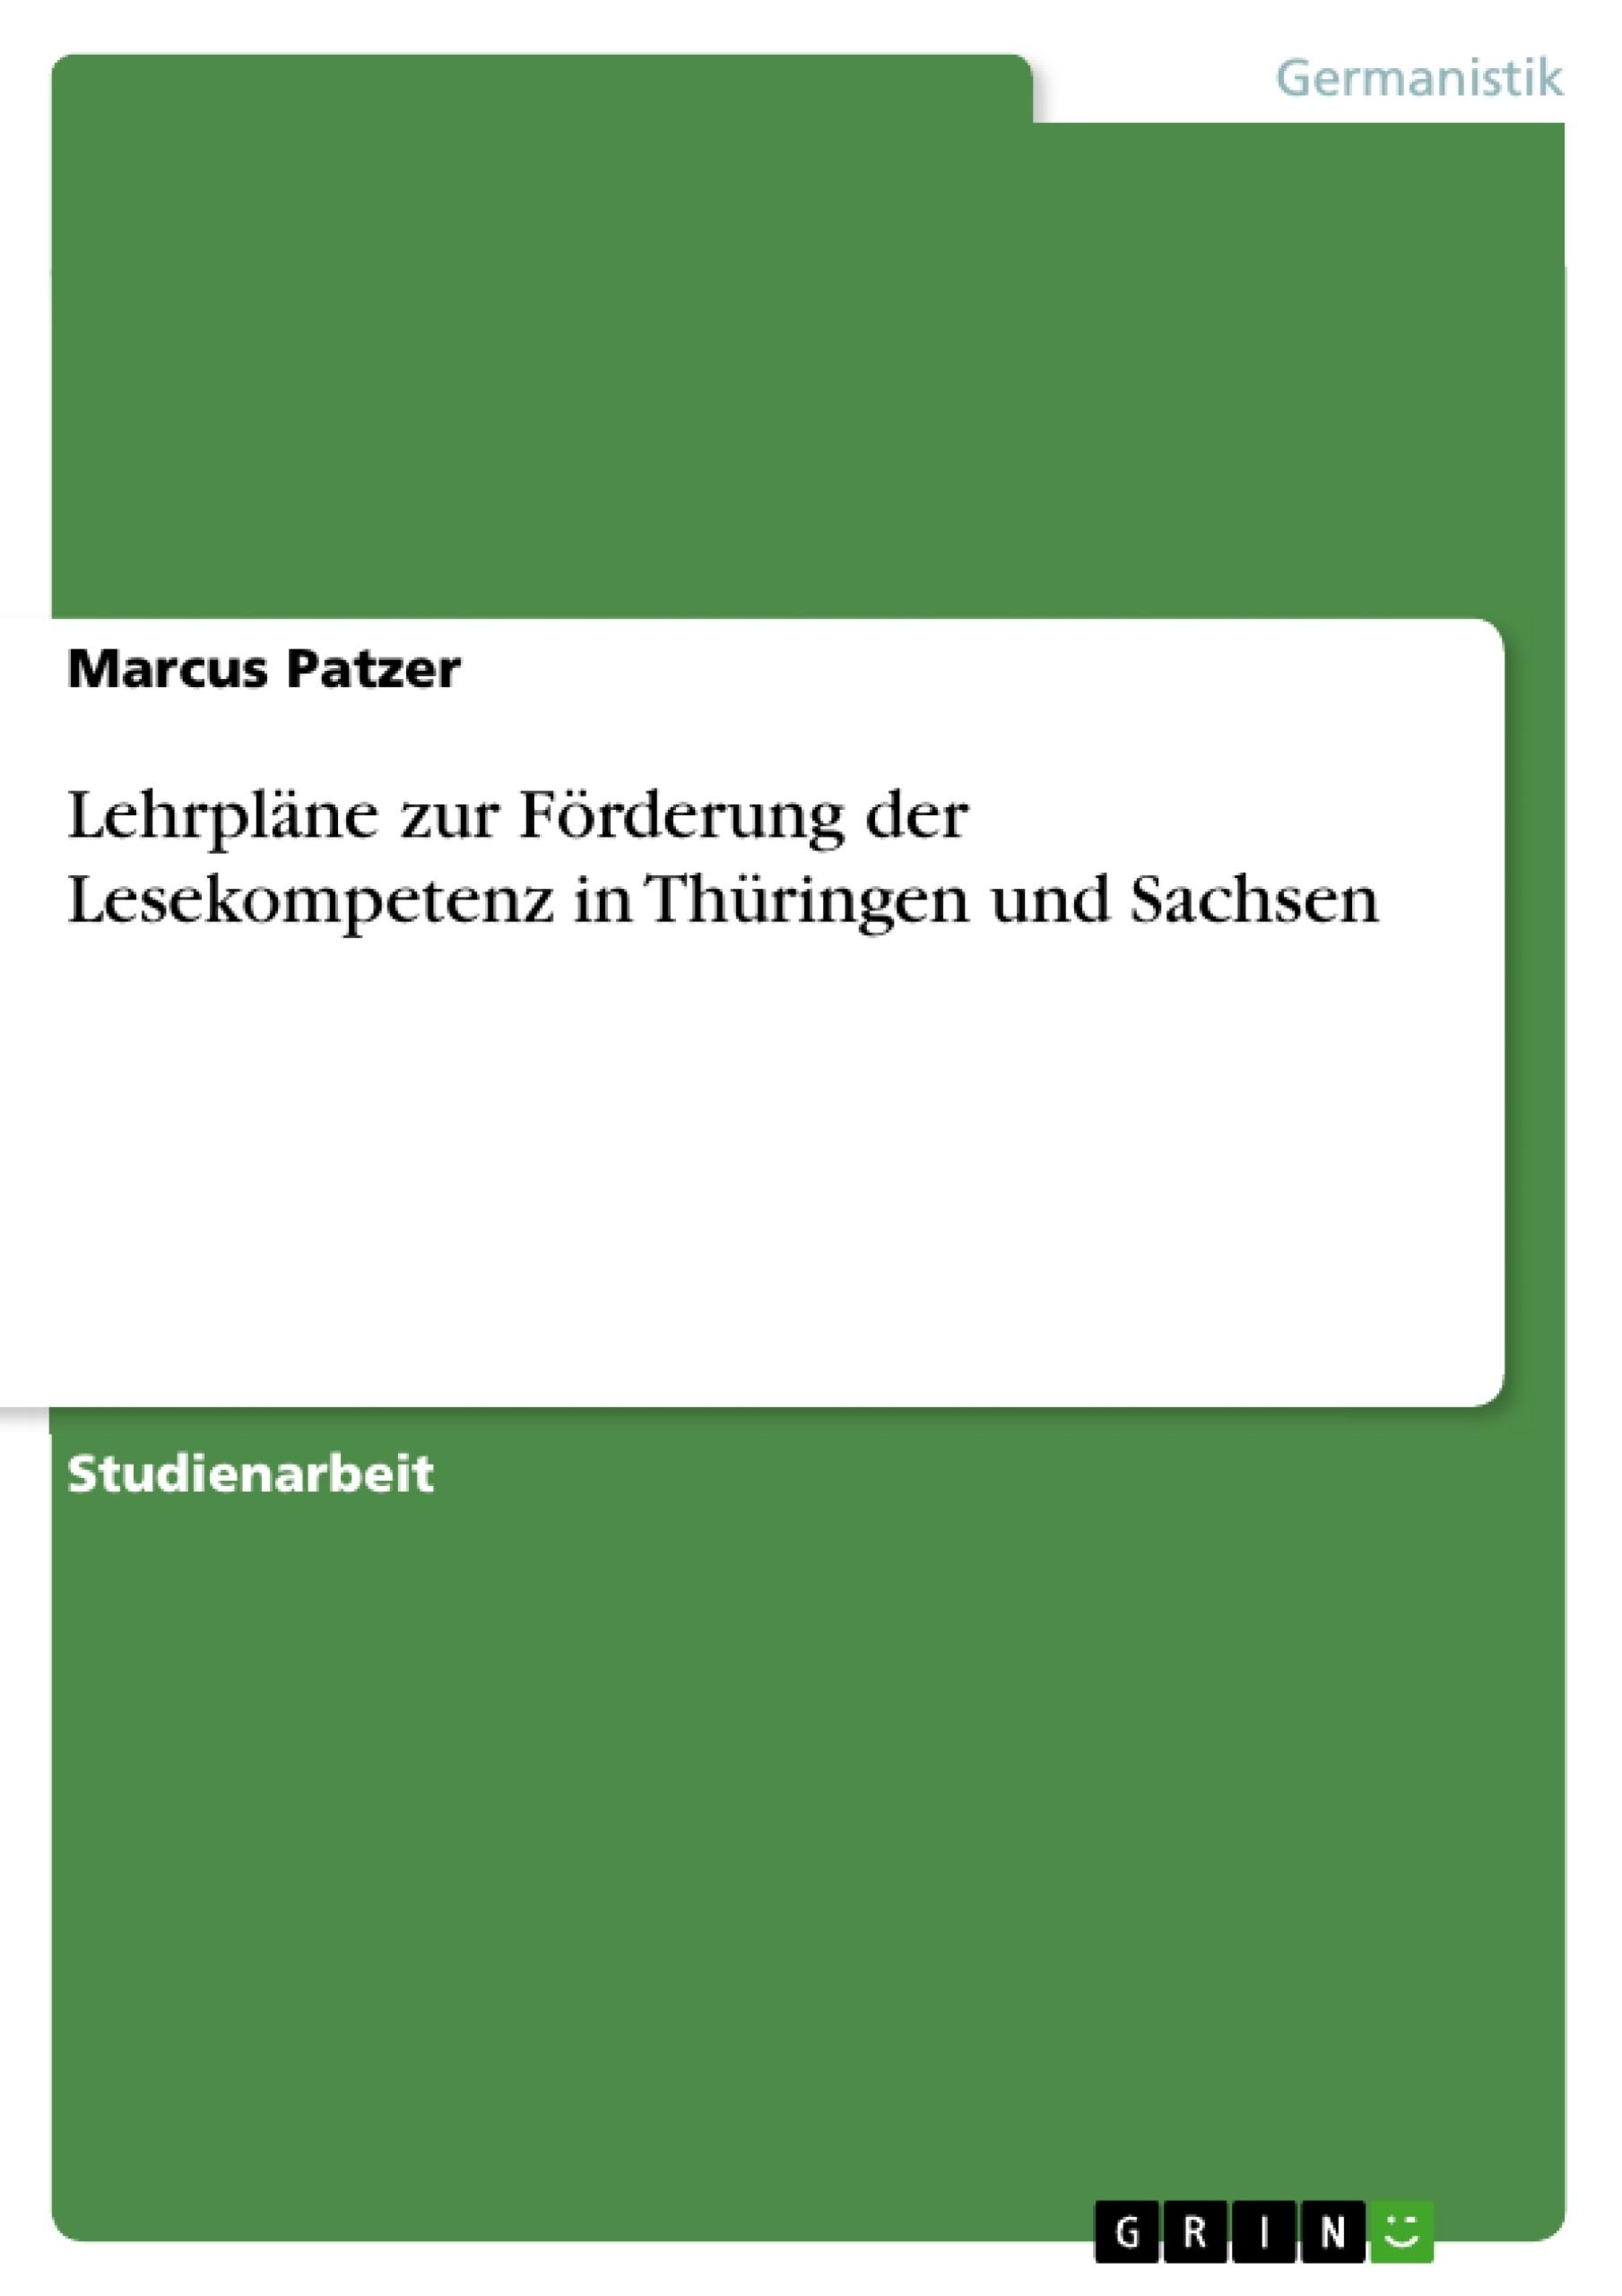 Titel: Lehrpläne zur Förderung der Lesekompetenz in Thüringen und Sachsen